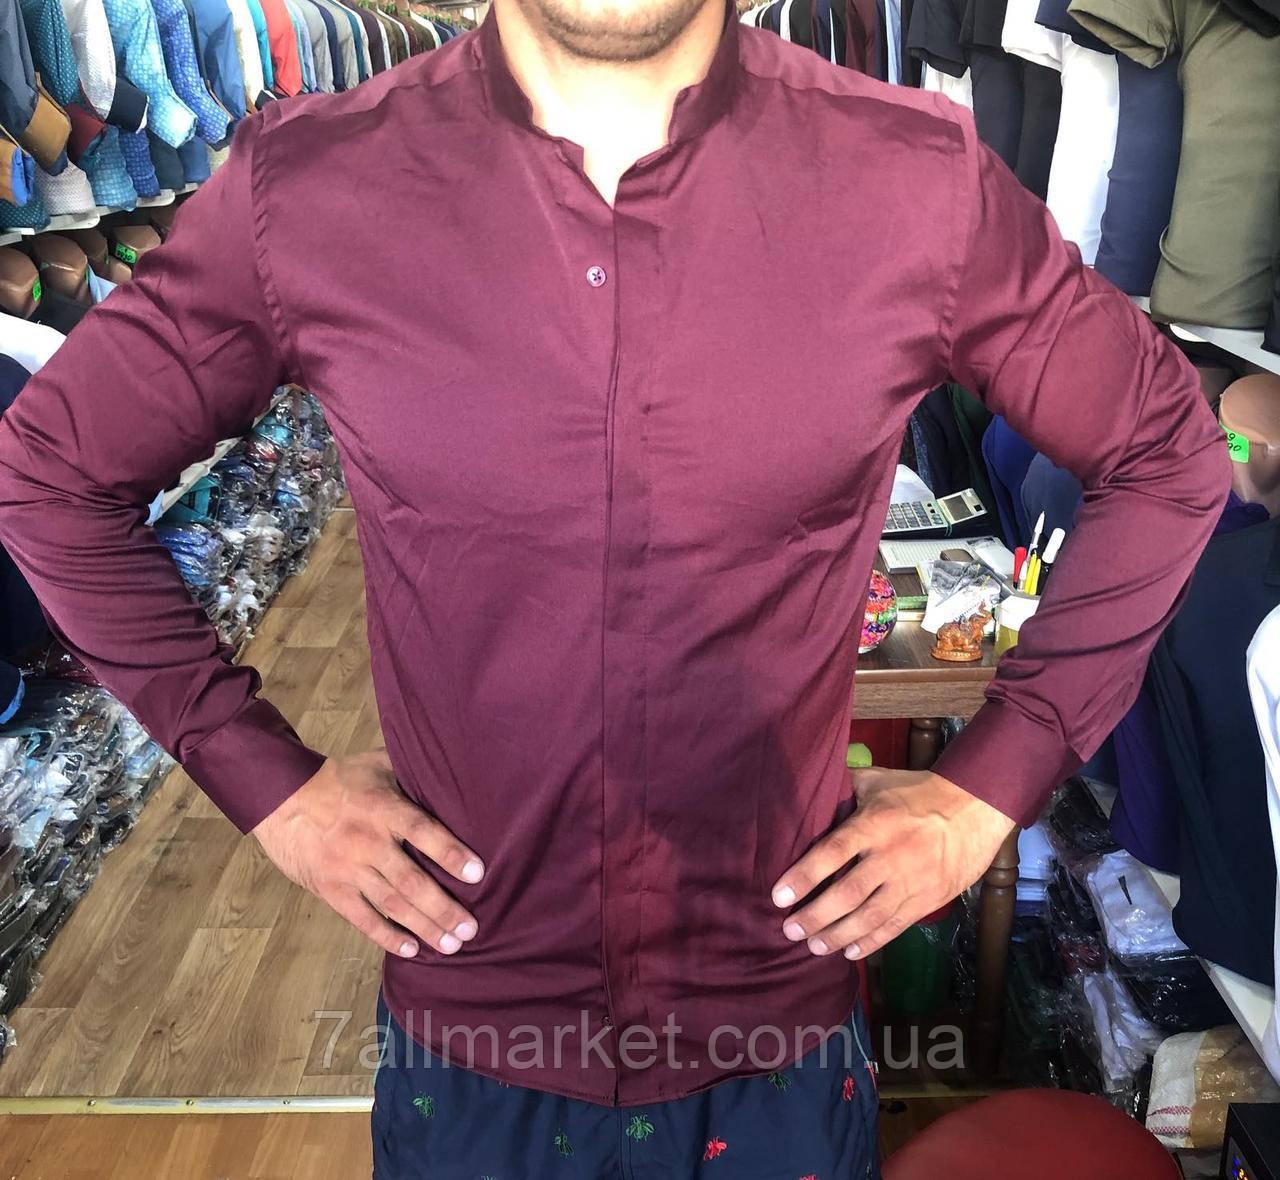 """Рубашка мужская японский воротник, размеры S-2XL (4 цв.) """"A.ROSSI"""" купить недорого от прямого поставщика"""